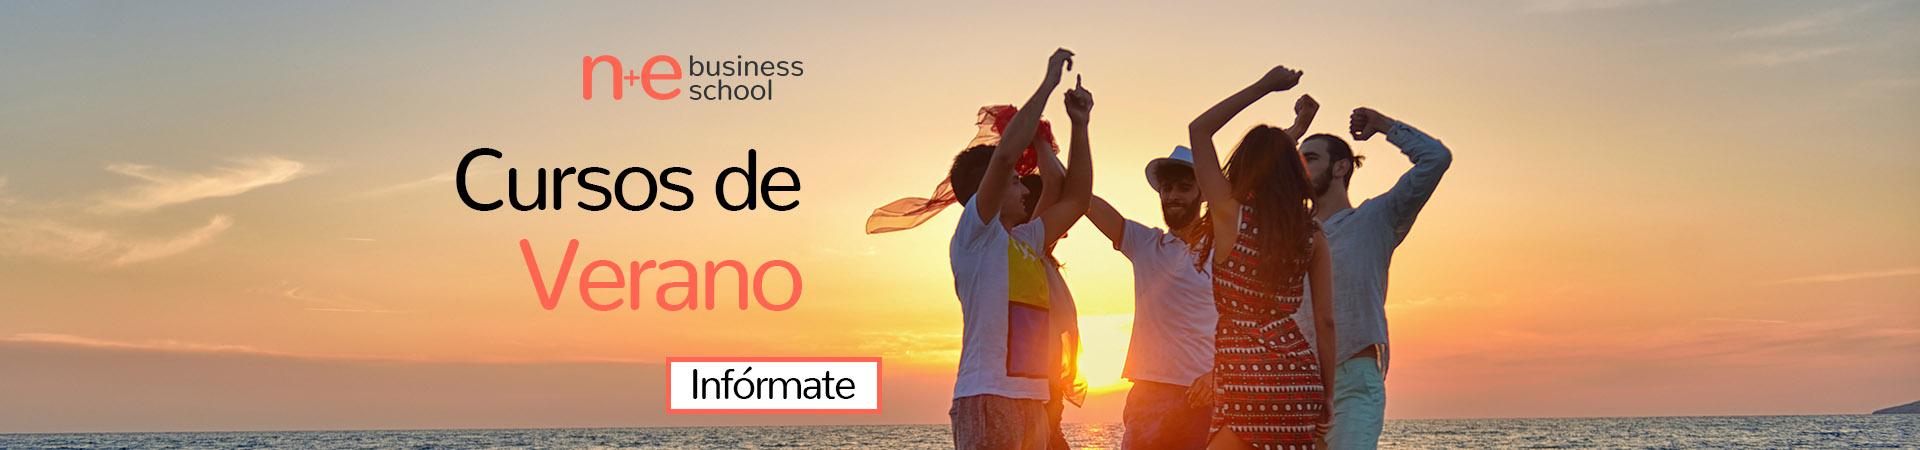 cursos verano online